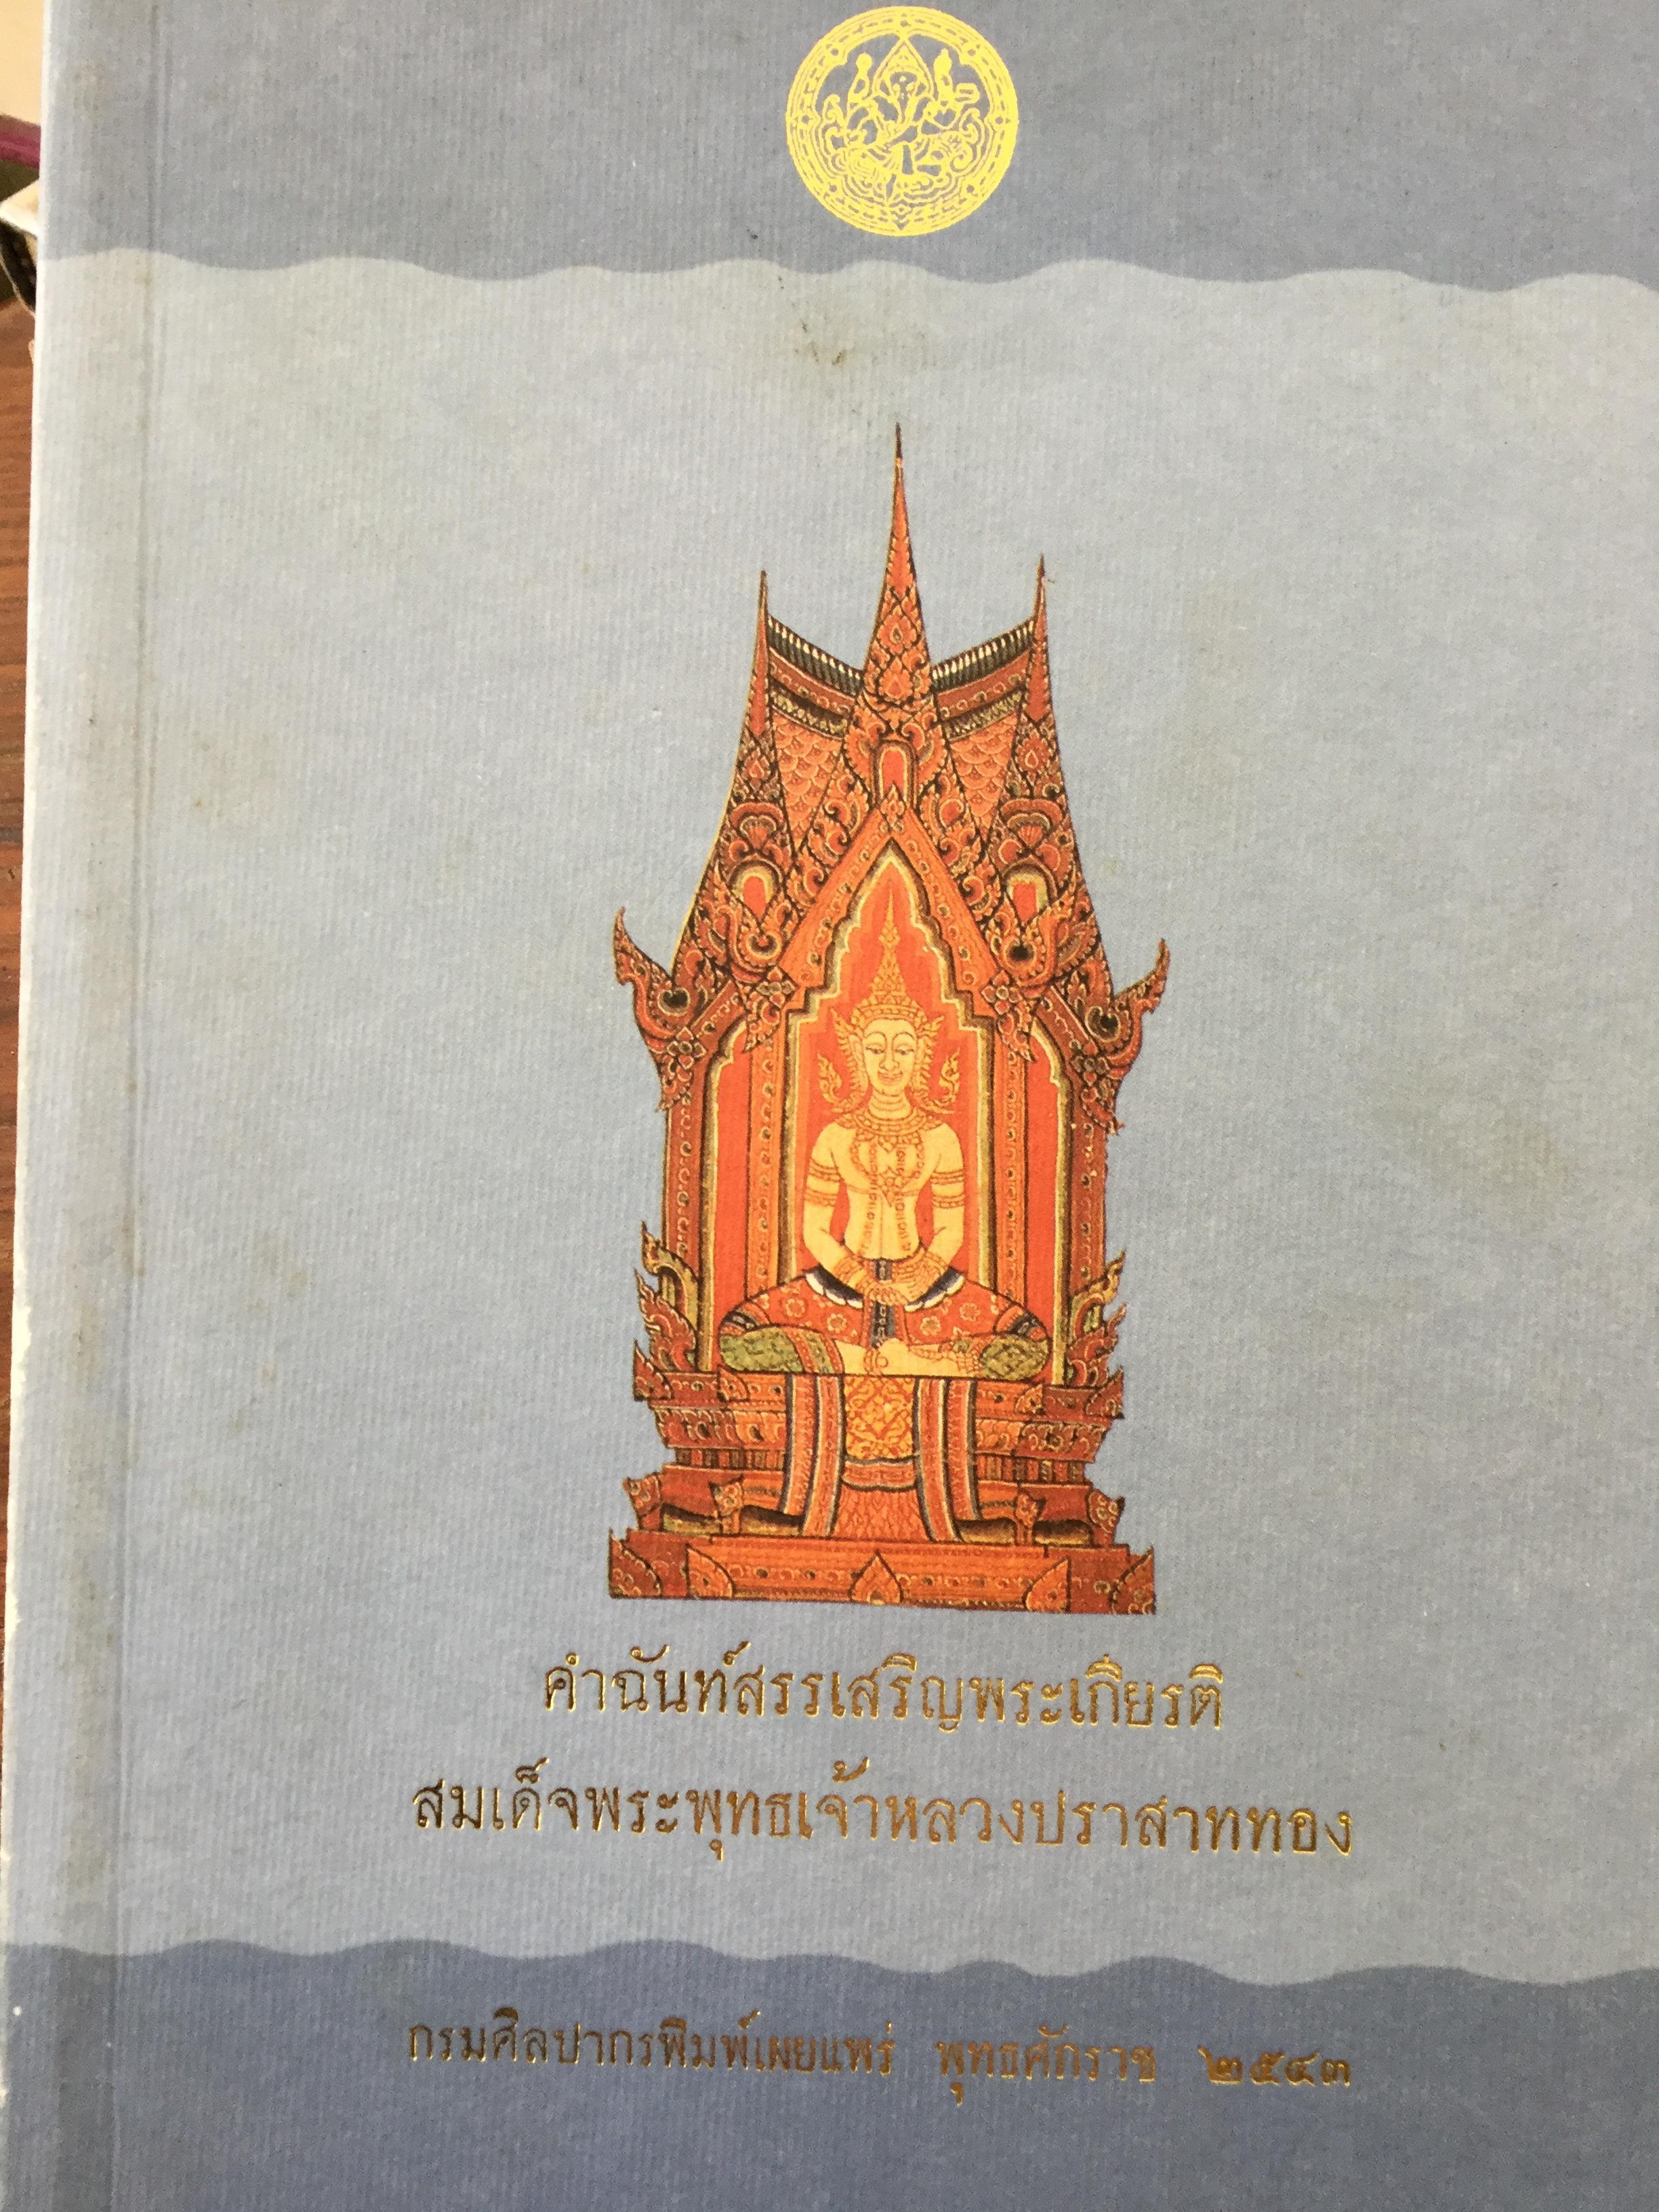 คำฉันท์สรรเสริญพระเกียรติ สมเด็จพระพุทธเจ้าหลวงปราสาทอง กรมศิลปากรพิมพ์เผยแพร่ พุทธศักราช 2543